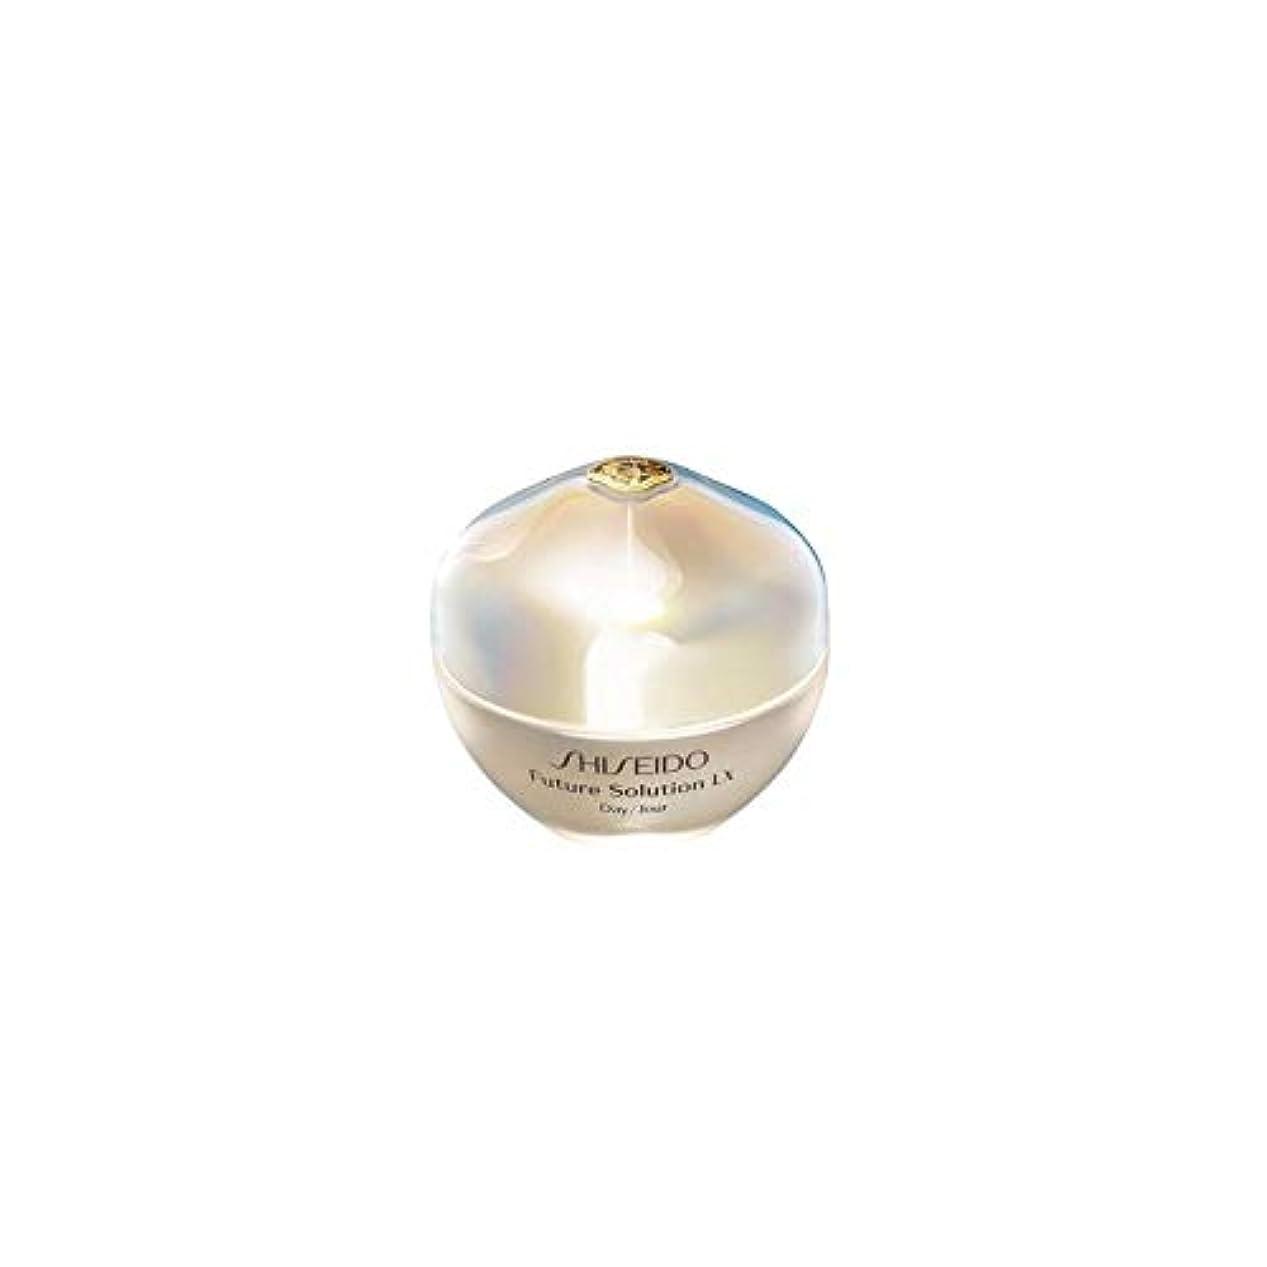 発掘する治世アレルギー性[Shiseido] 資生堂Sfs Lx合計保護クリーム(50Ml)中 - Shiseido Sfs Lx Total Protective Cream (50ml) [並行輸入品]